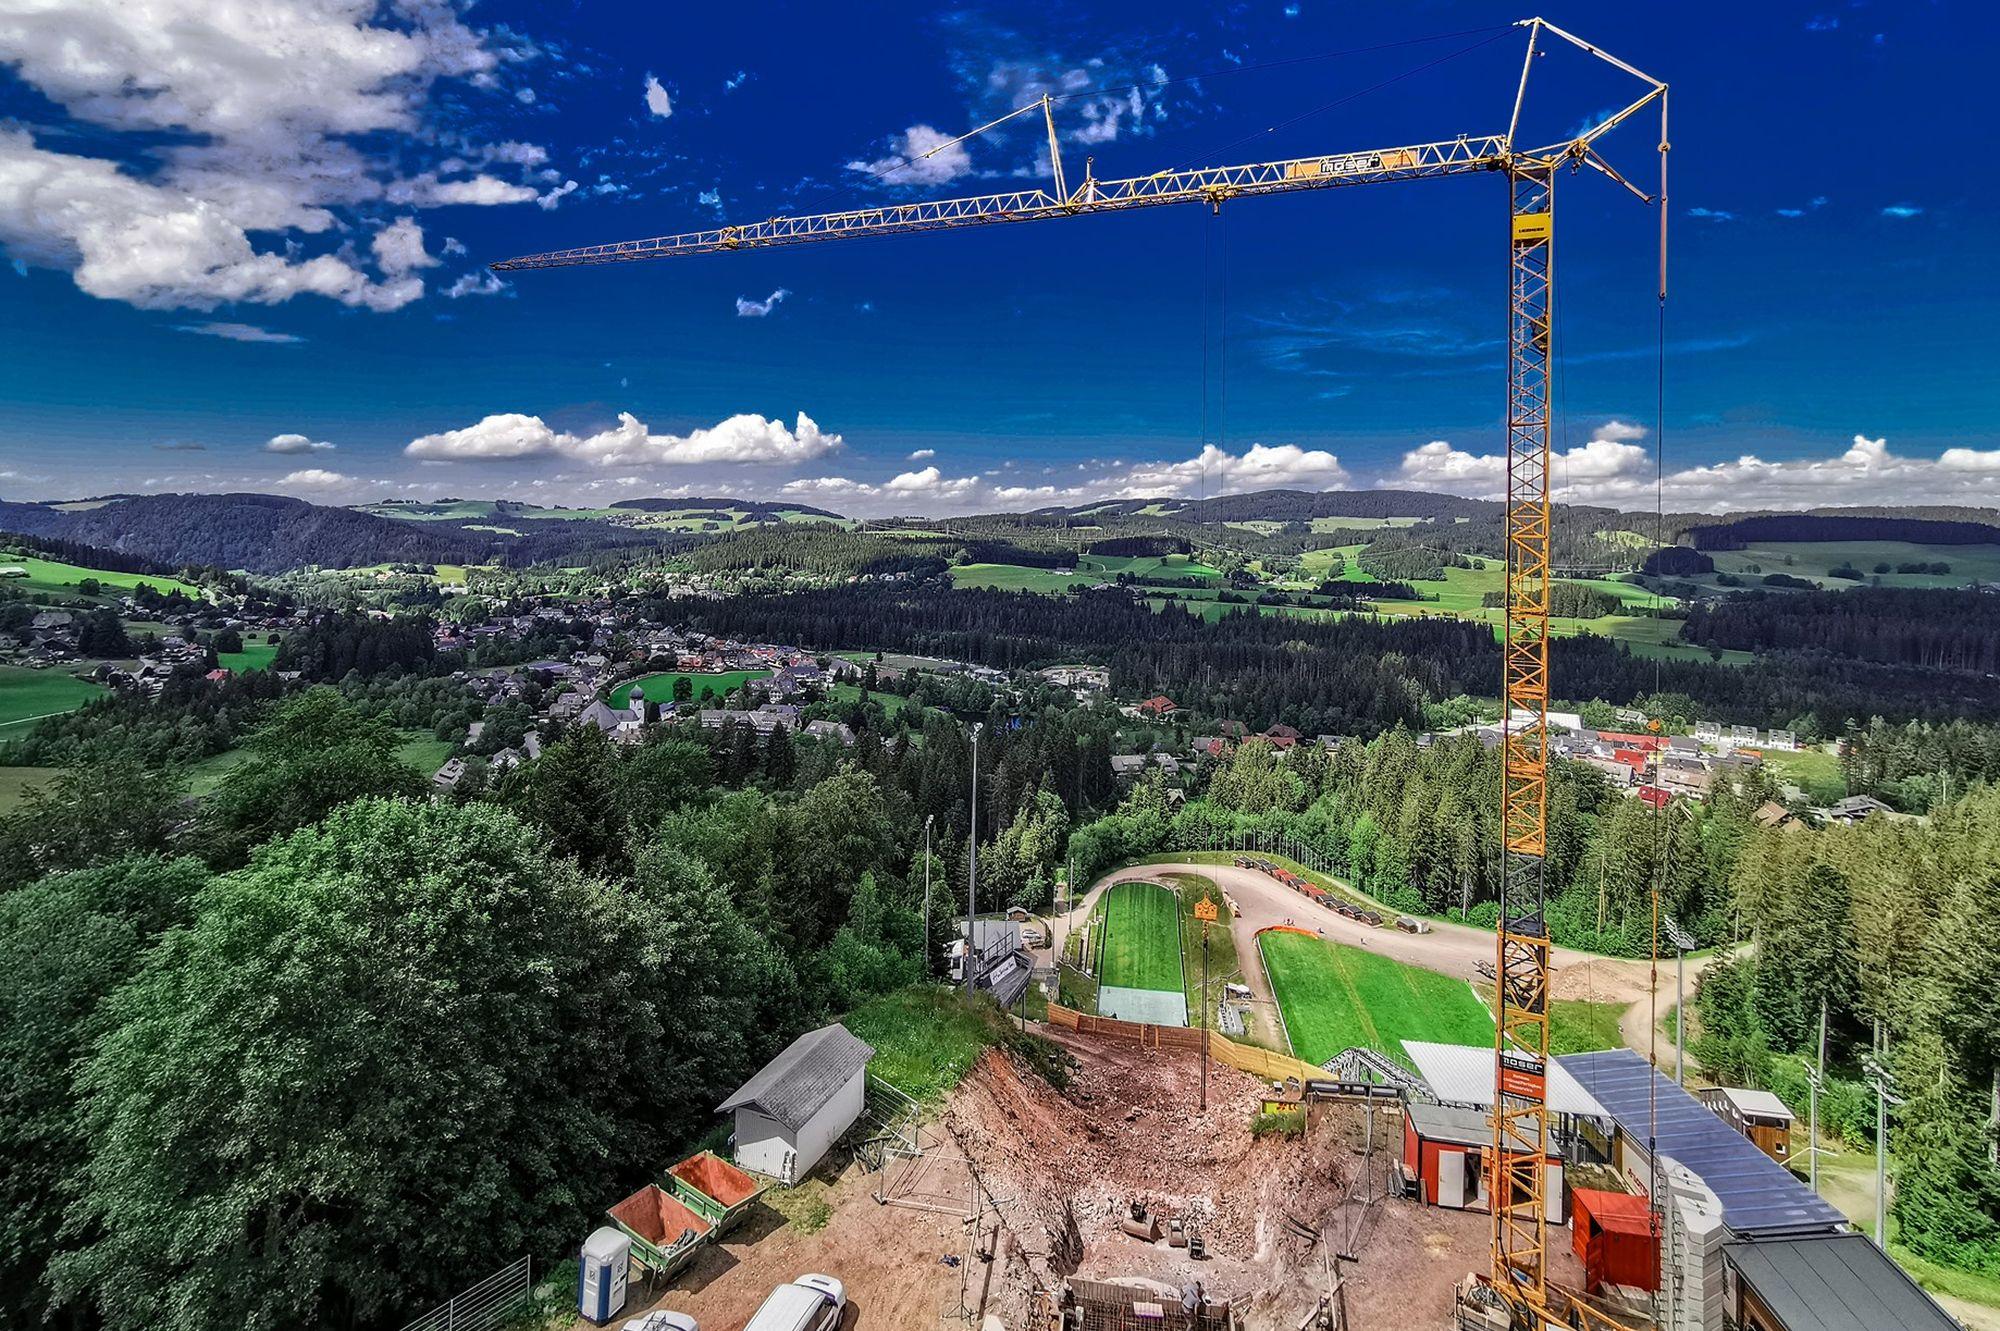 Modernizacja skoczni w Hinterzarten trwa. Plac budowy odwiedził… Martin Schmitt